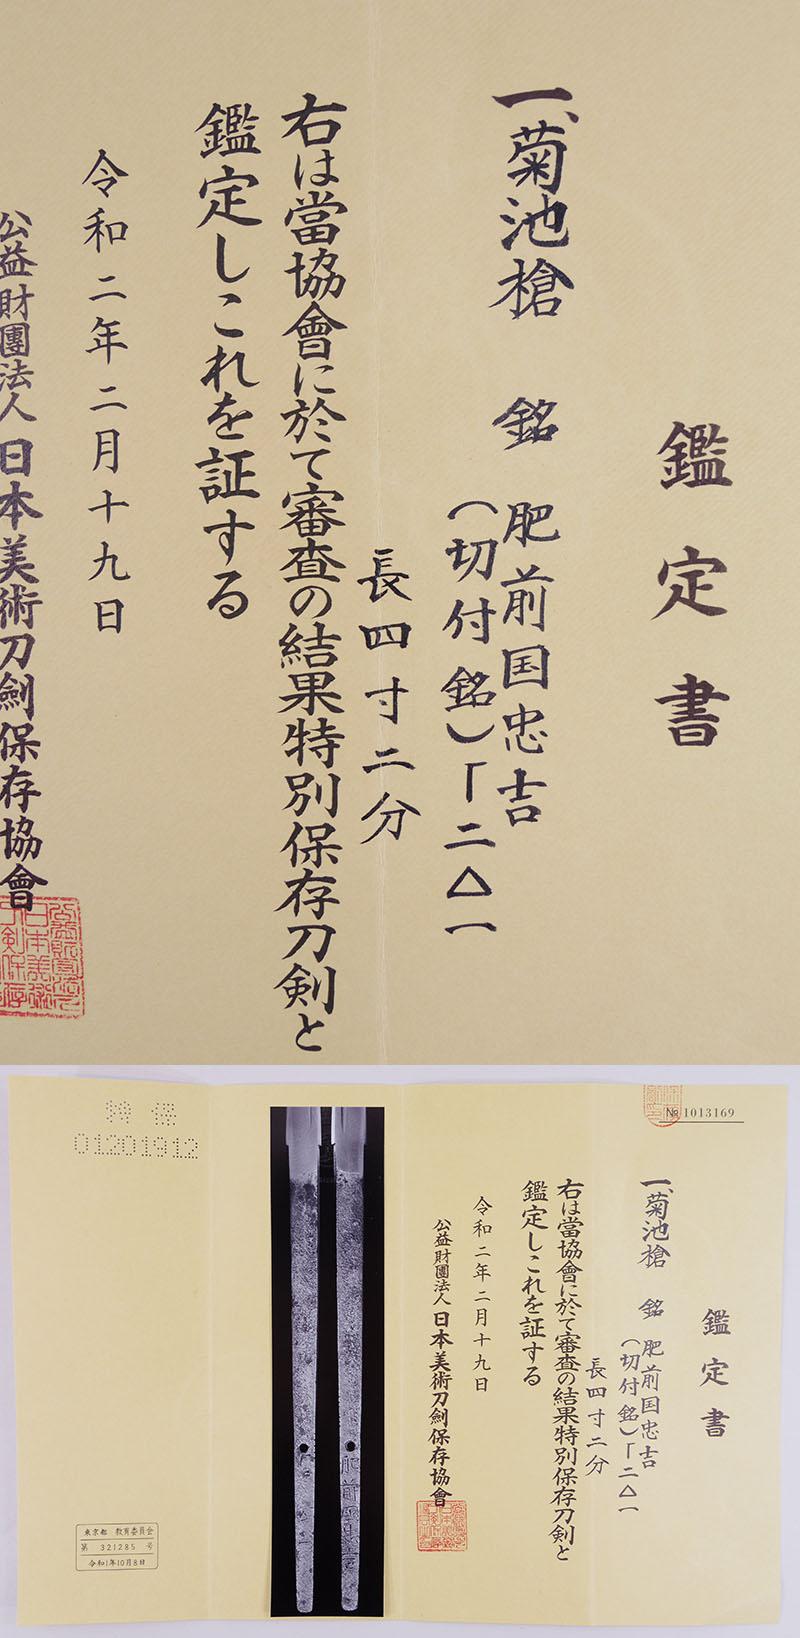 菊池槍 肥前国忠吉(切付銘)「二△一 Picture of Certificate